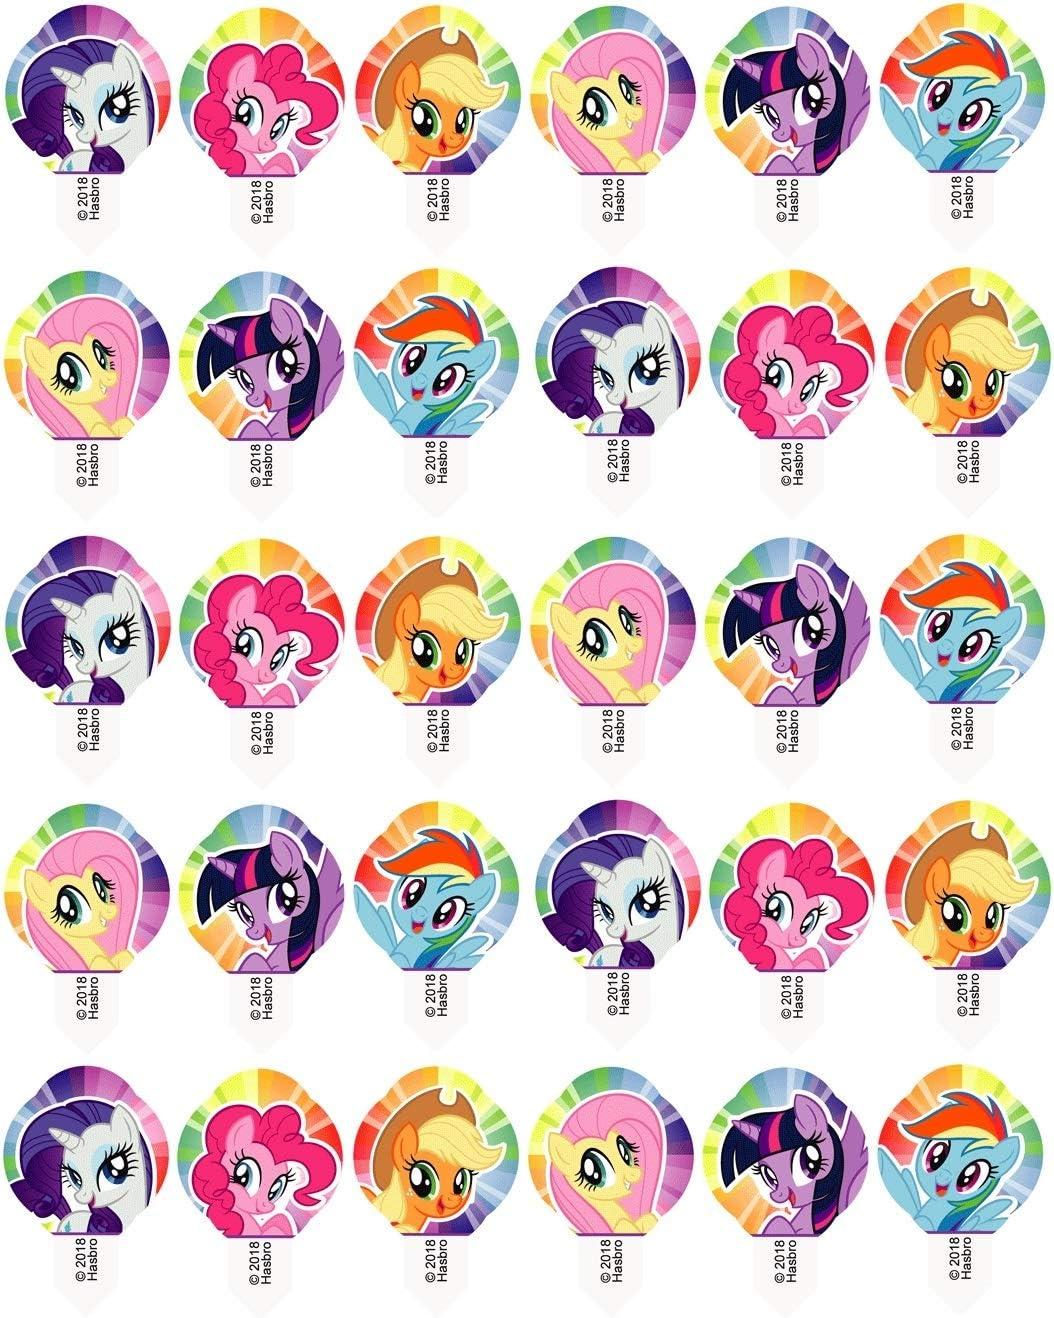 cupcake pronte alluso Prodotto con licenza. 30x Modecor 42053 per i fan di My Little Pony decorazioni pre-tagliate